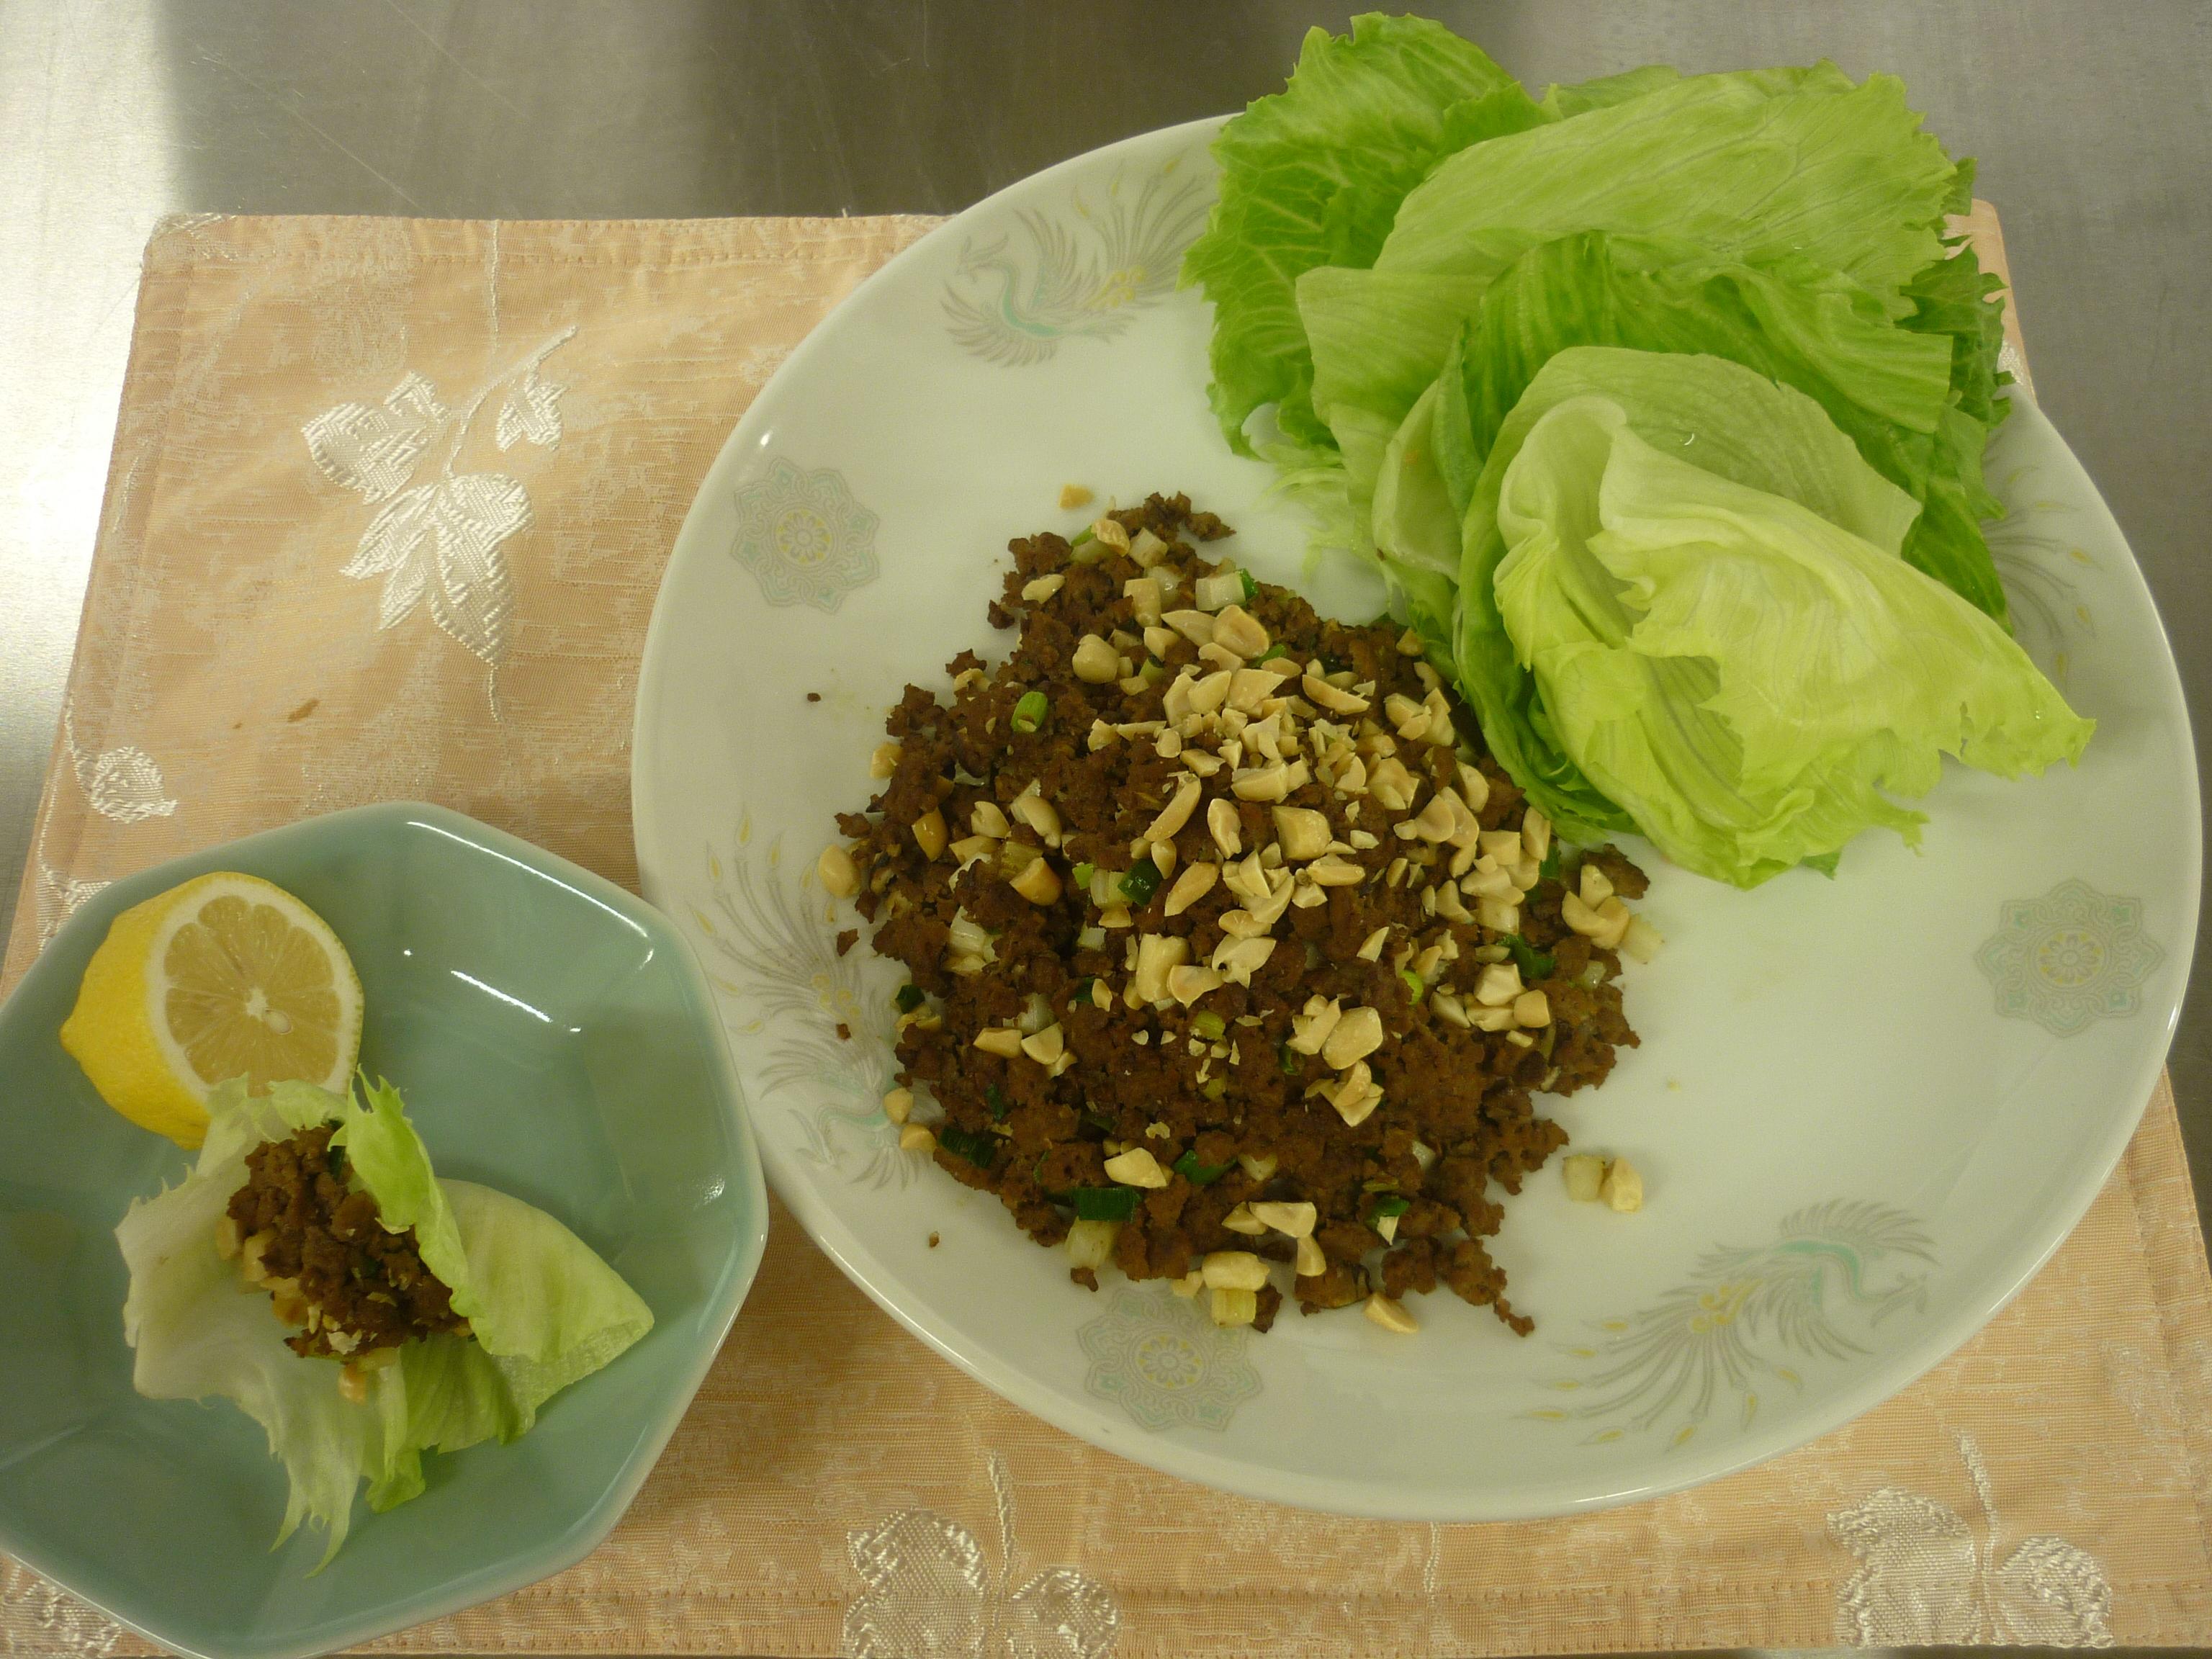 生菜包牛肉鬆(レタス包み)